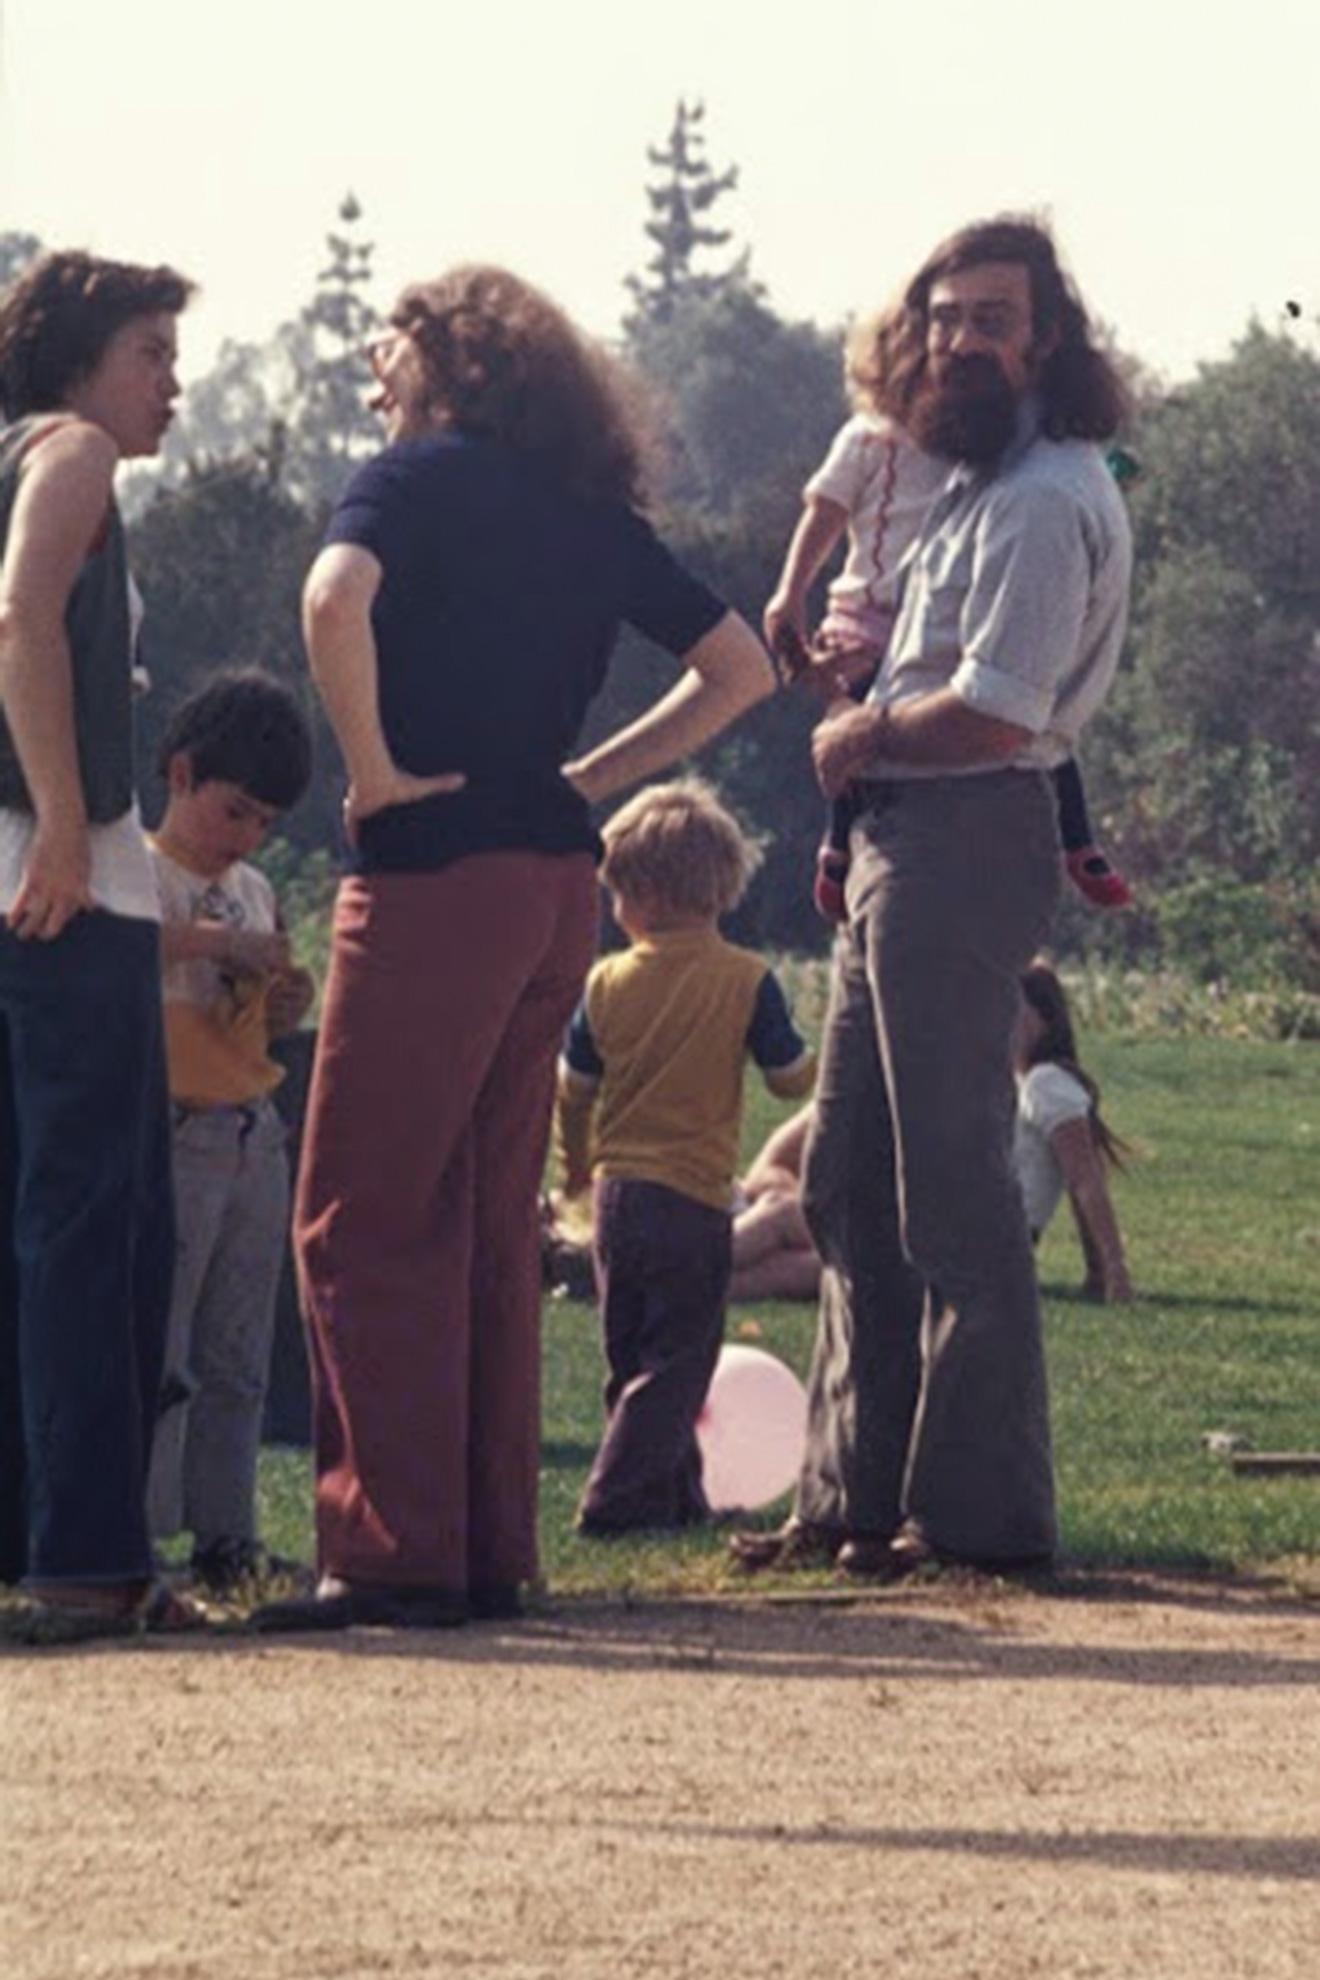 Kohoutek 1976 - Professor Barry Sanders and family.